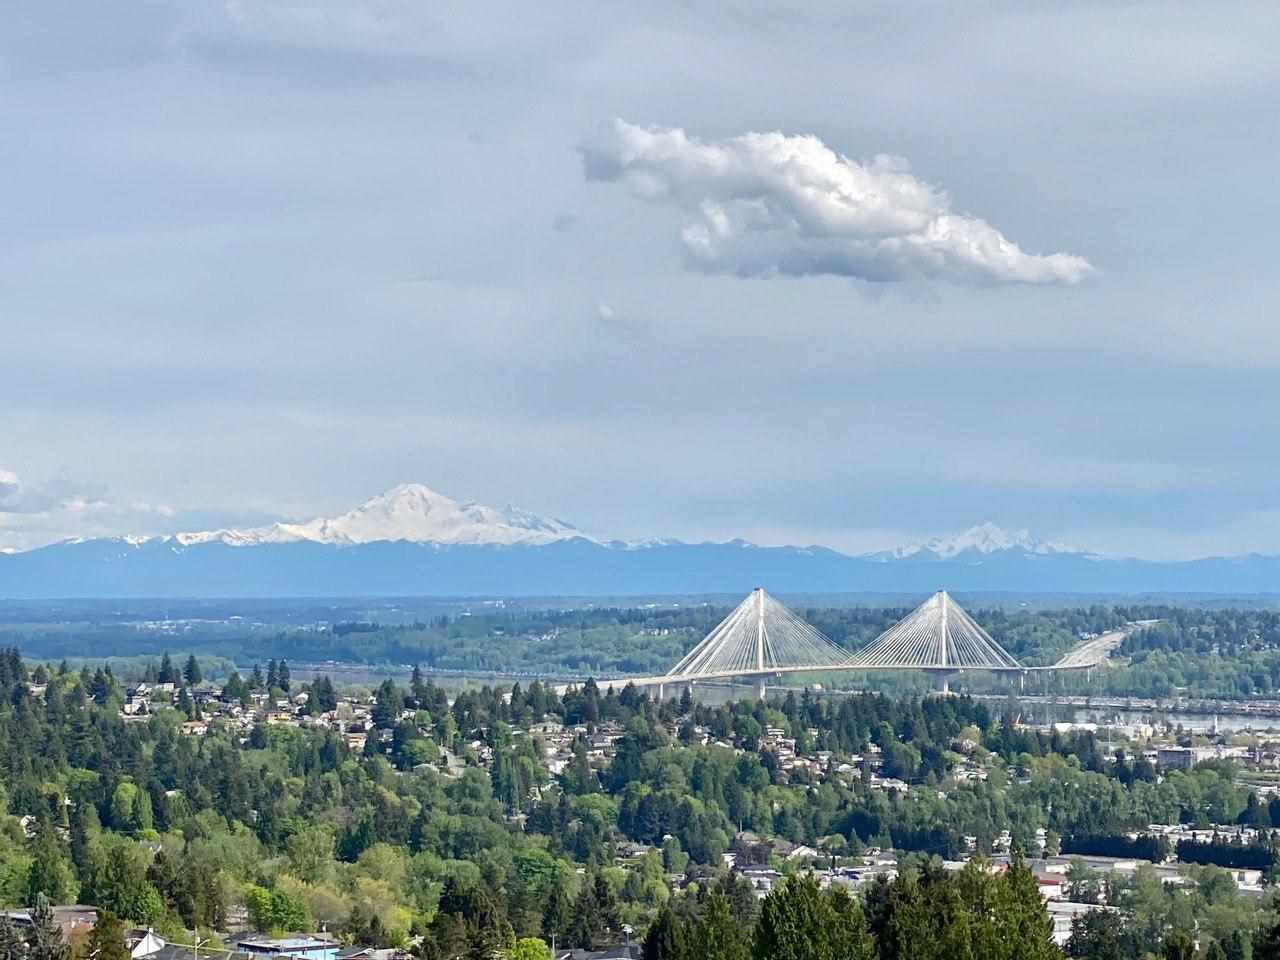 Main Photo: 1508 958 RIDGEWAY Avenue in Coquitlam: Central Coquitlam Condo for sale : MLS®# R2455189